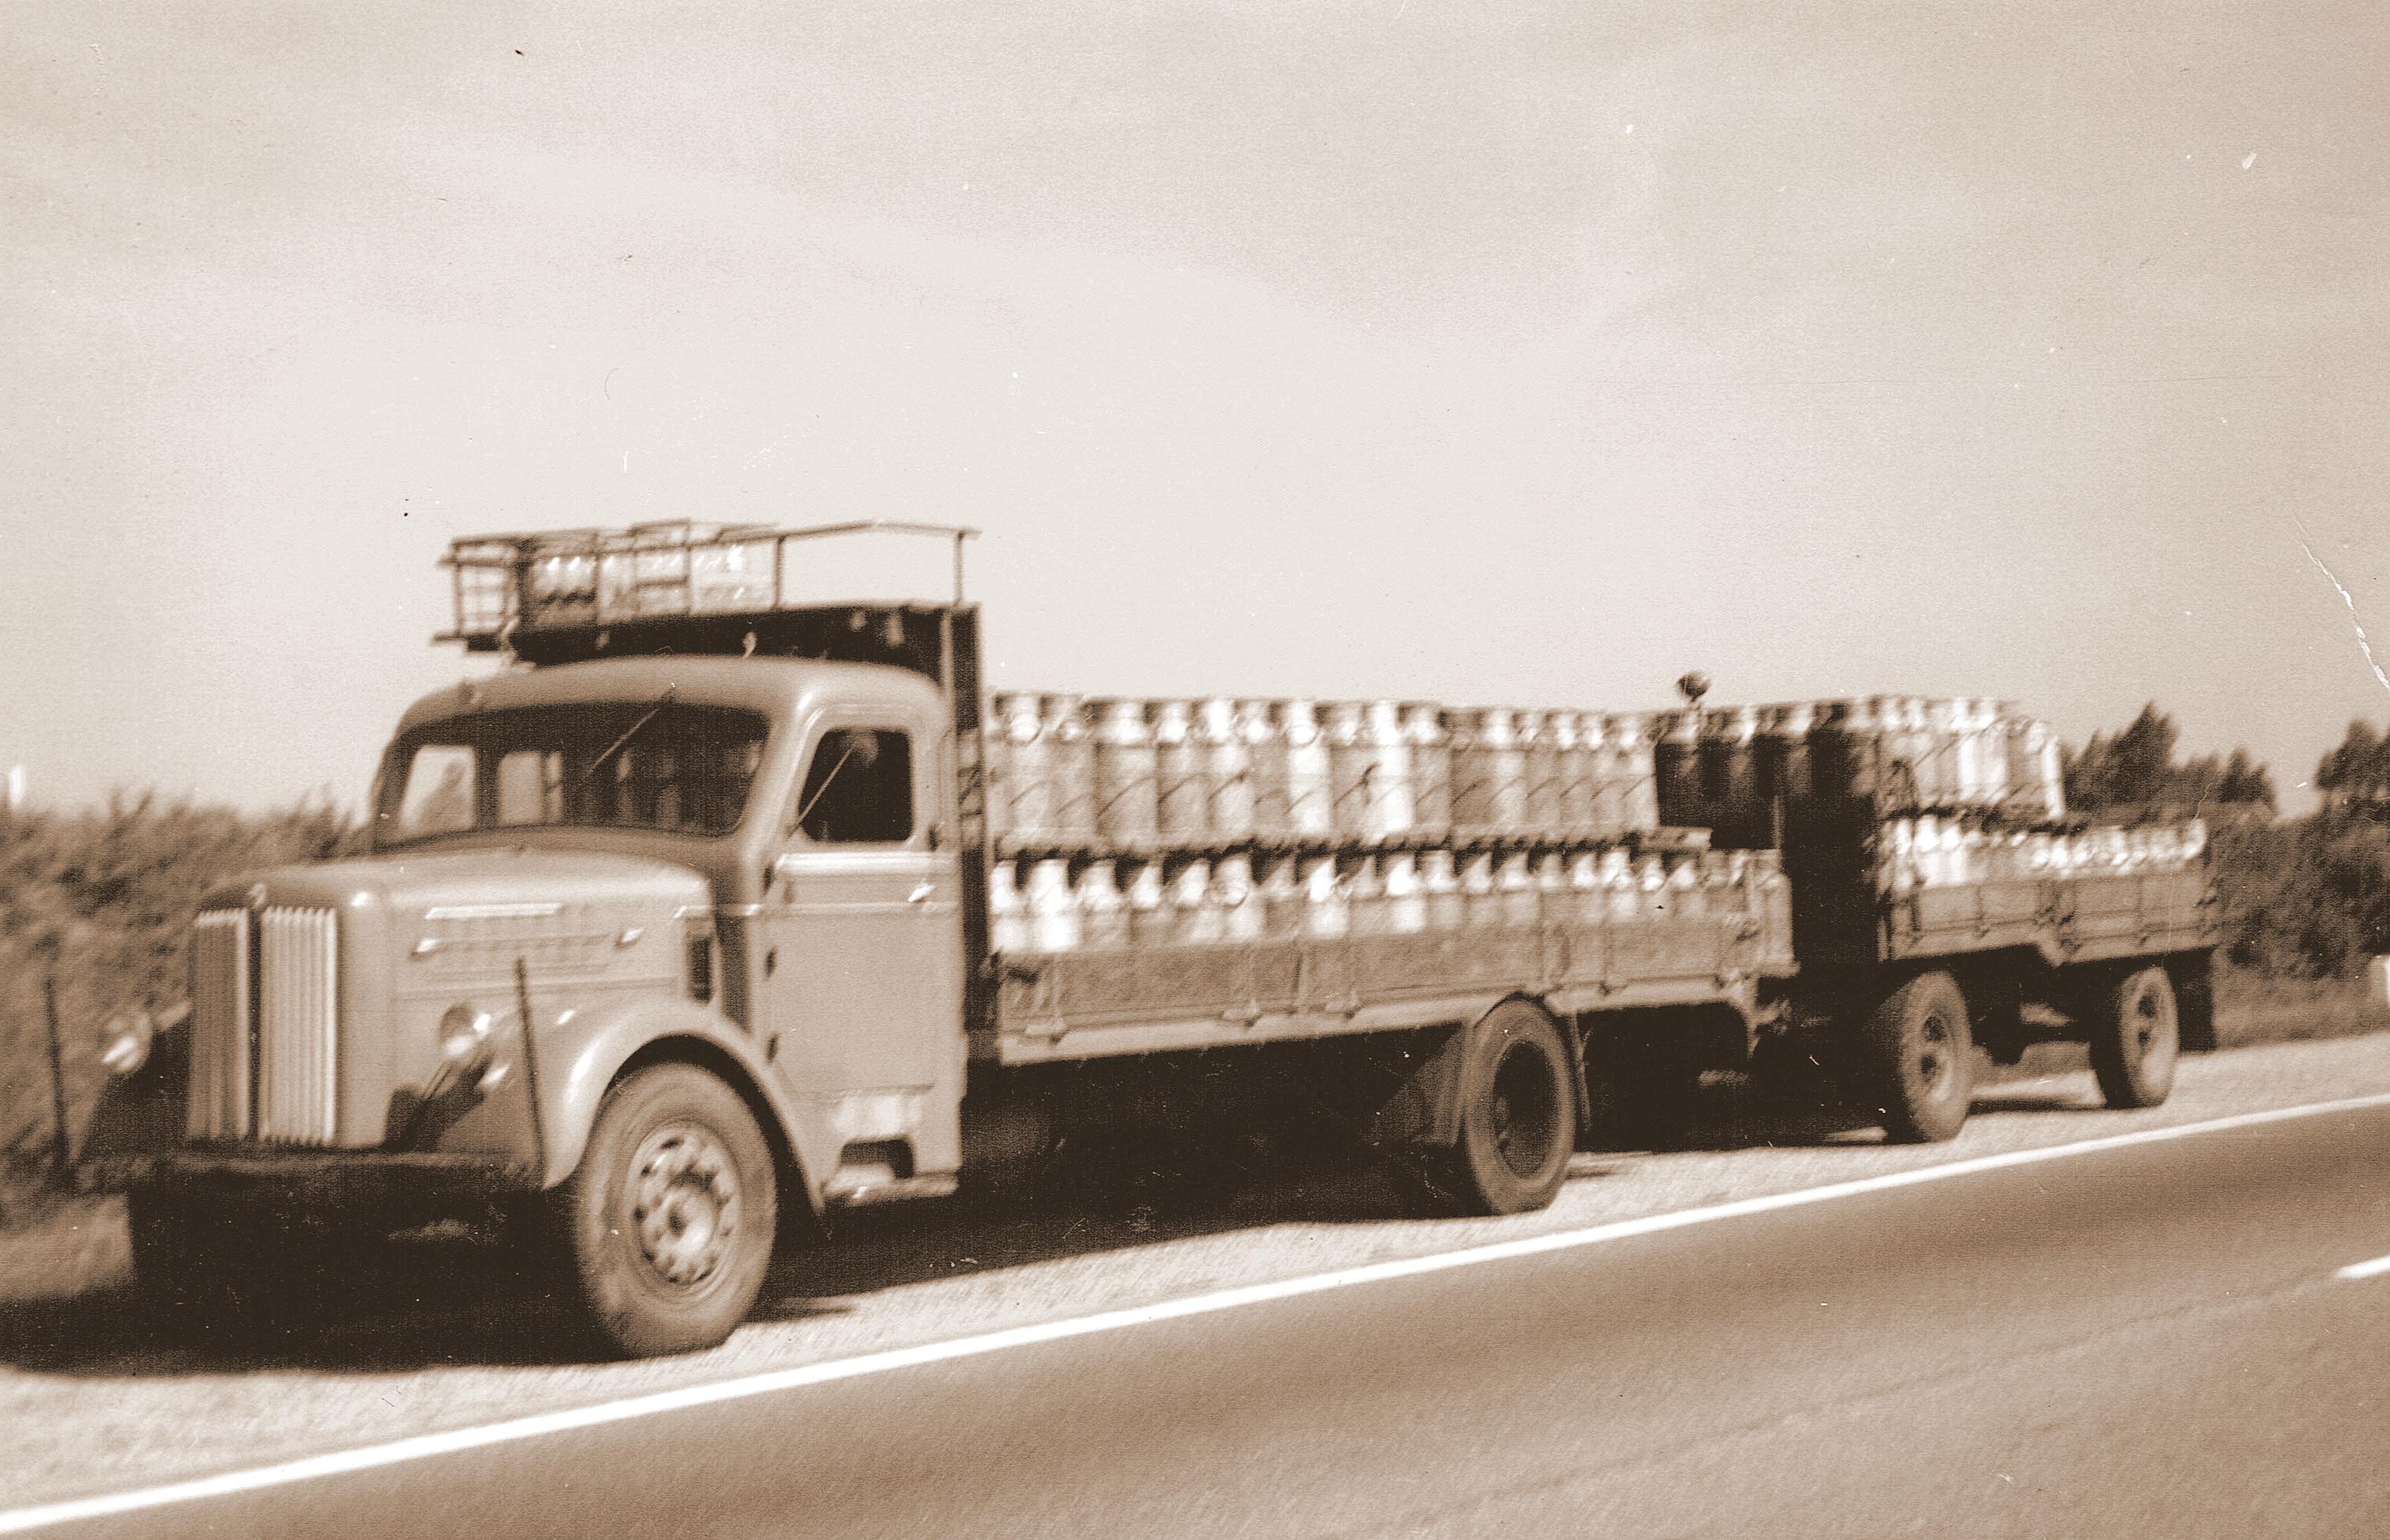 Scania-Vabis-Wim-van-de-Berg